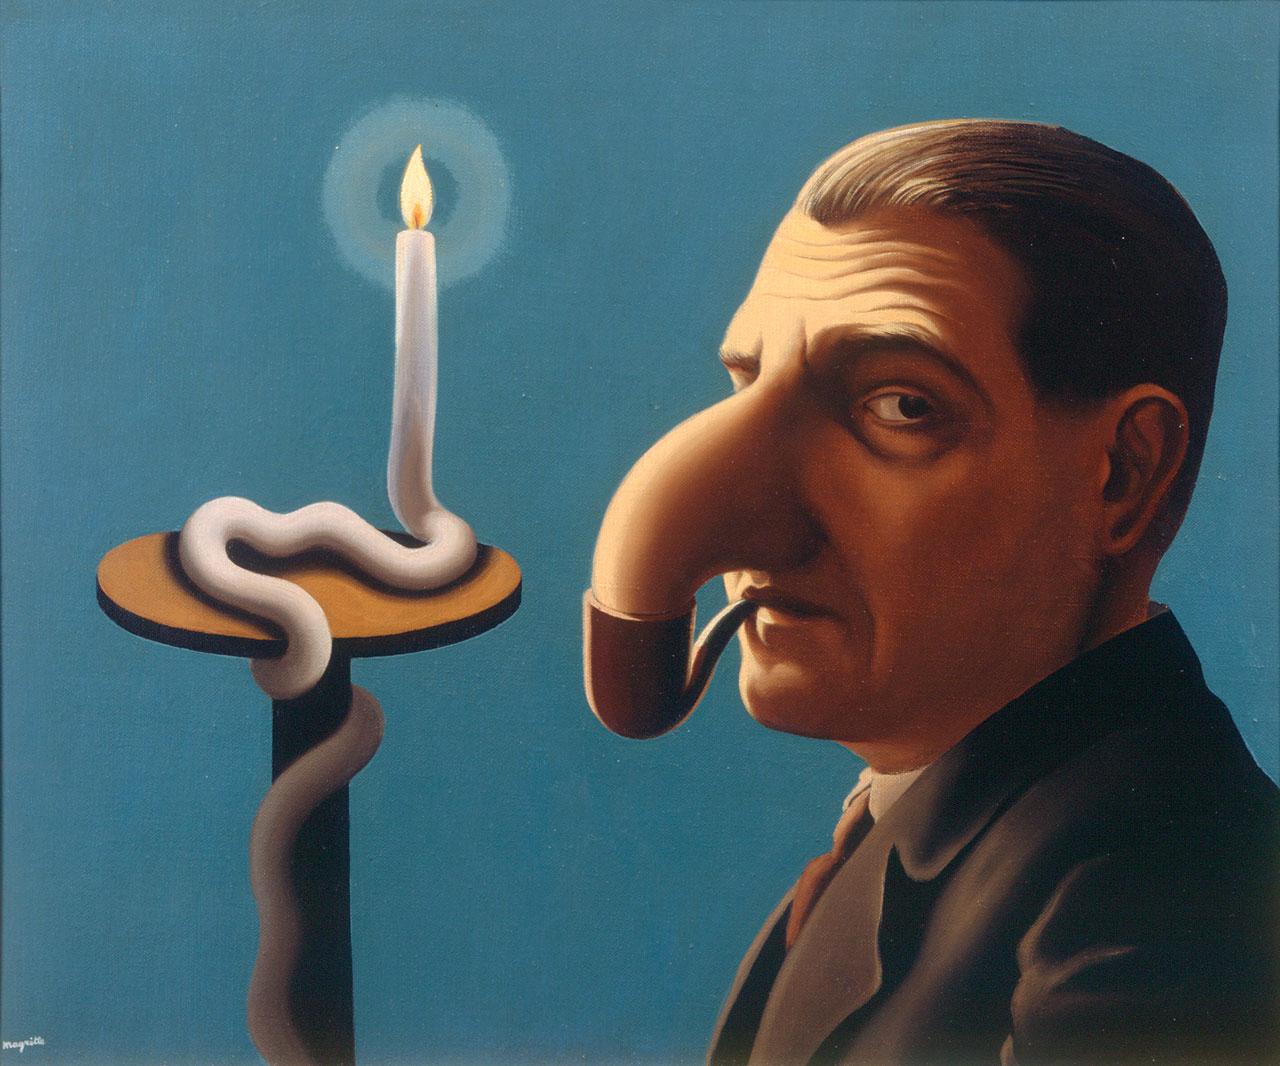 René Magritte, La lampe philosophique, 1936, oil on canvas. © VG Bild-Kunst, Bonn 2017